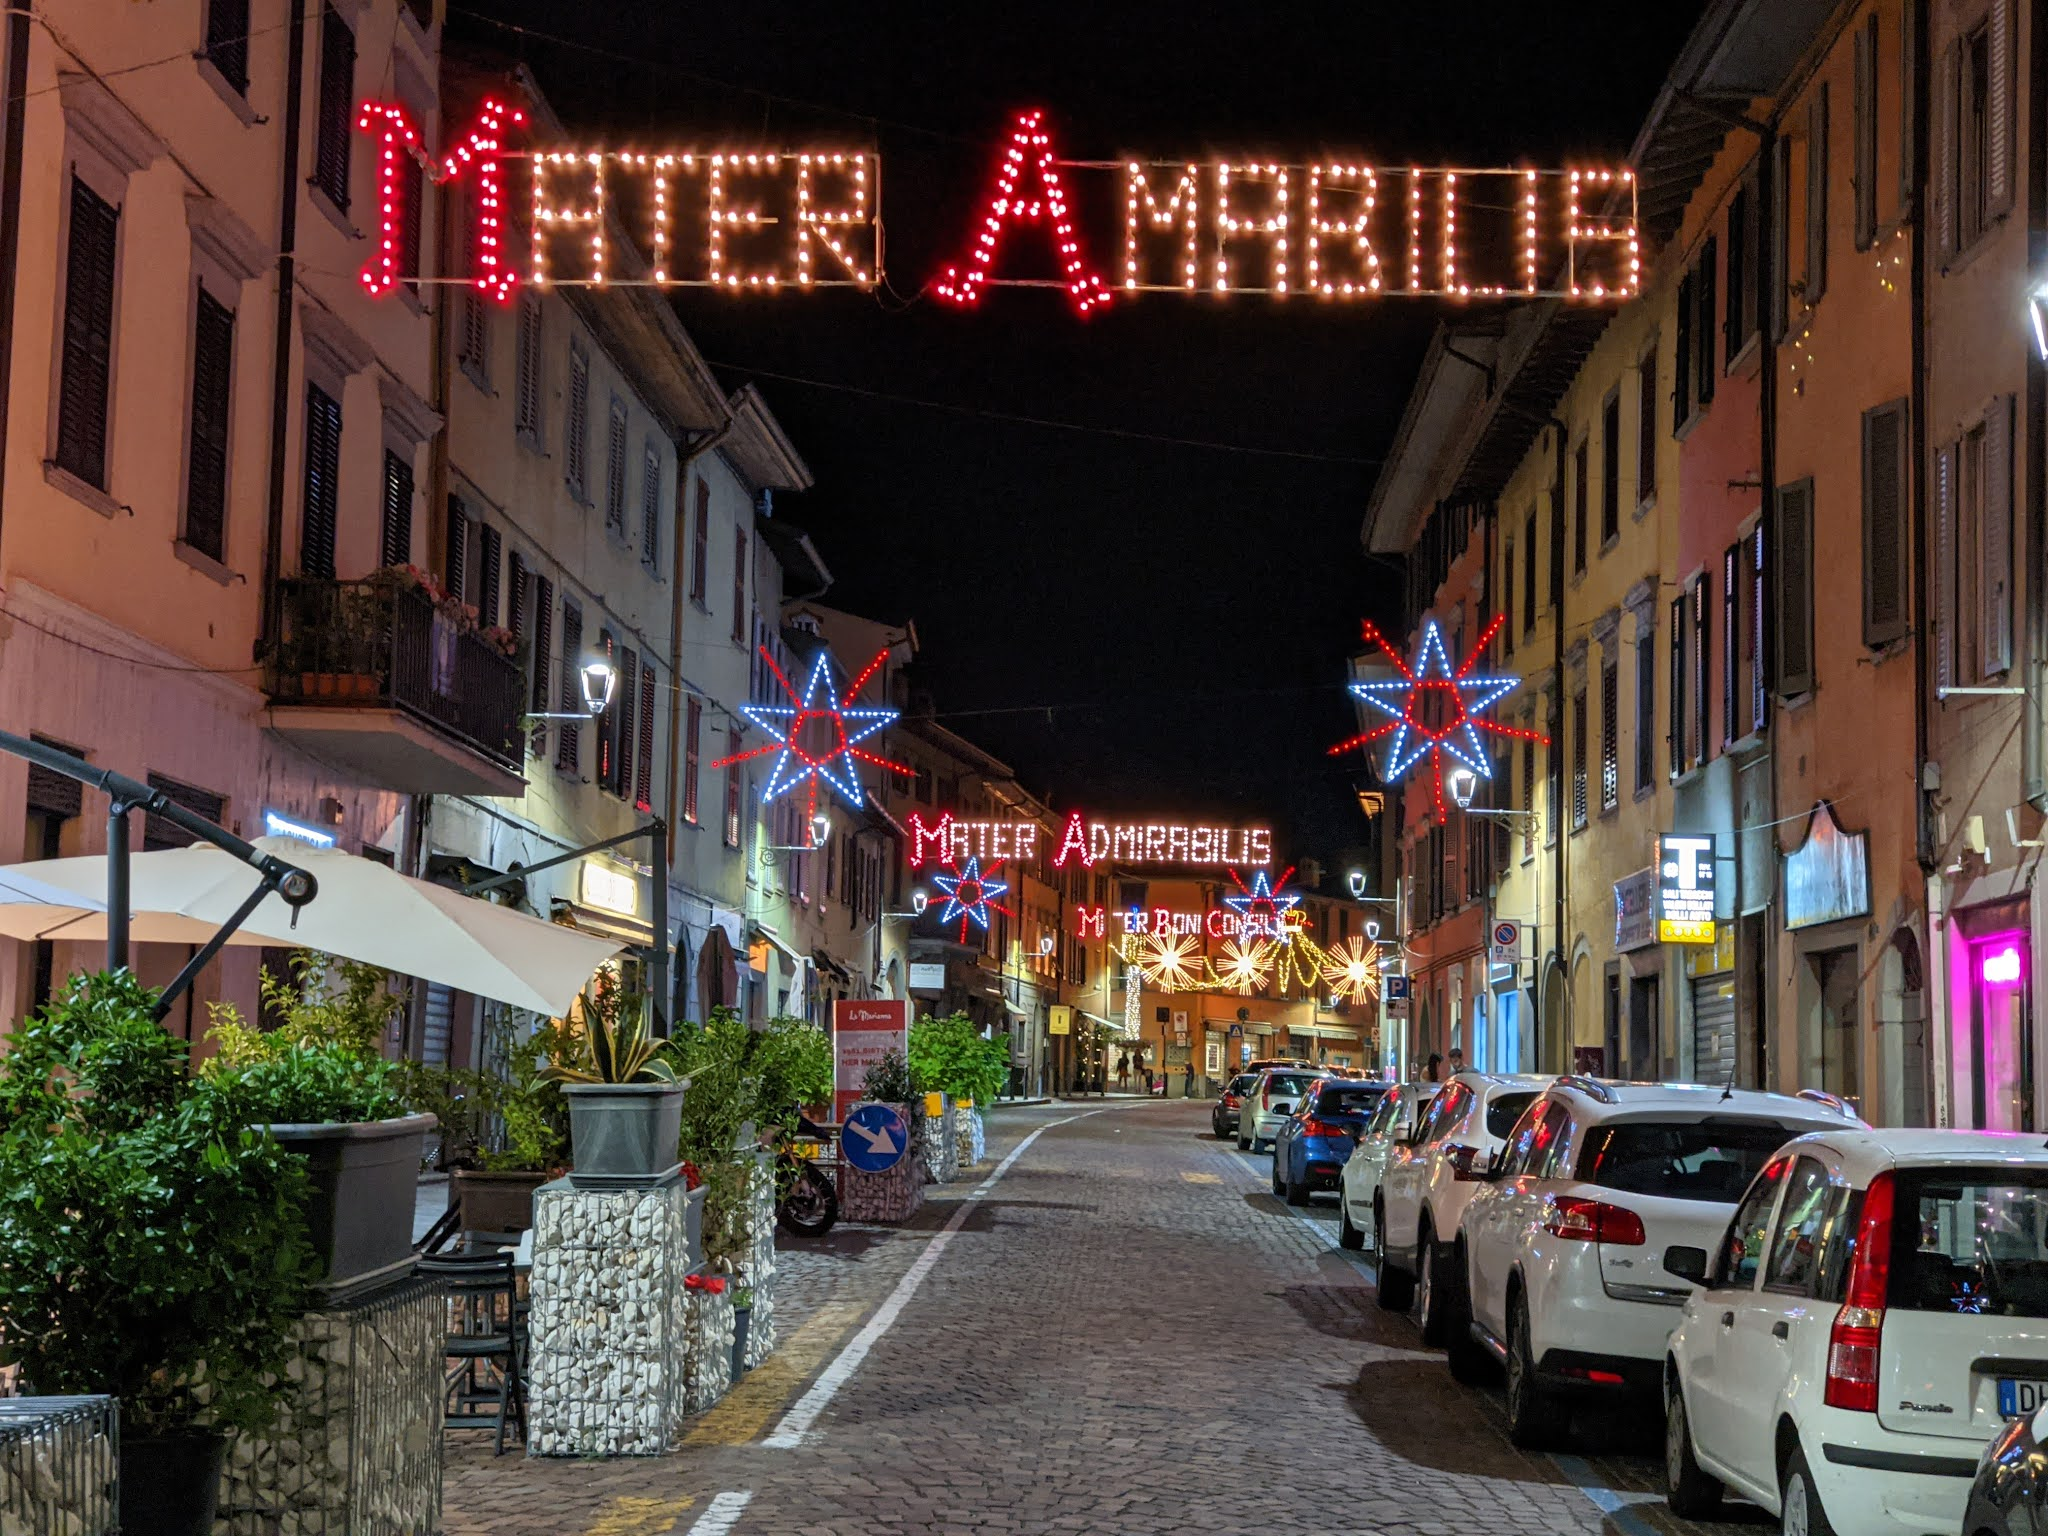 Santa Caterina Bergamo - Festa dell'Apparizione - Mater Amabilis